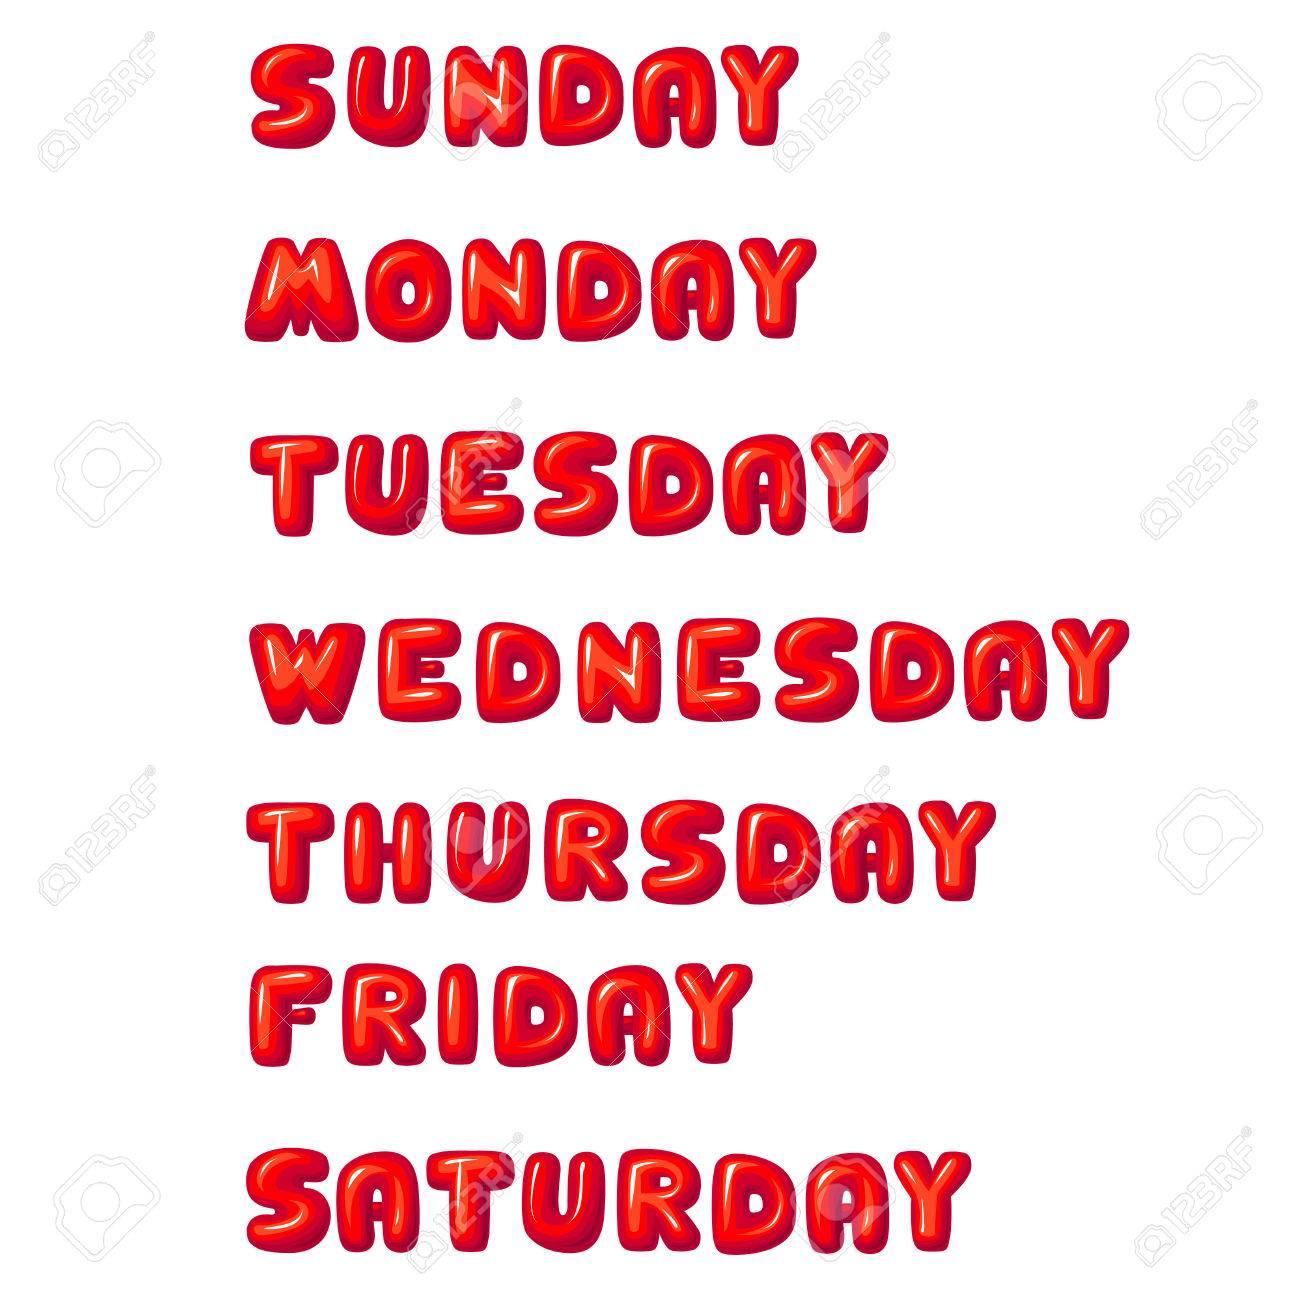 曜日 日曜日 月曜日 火曜日 水曜日 木曜日 金曜日 土曜日